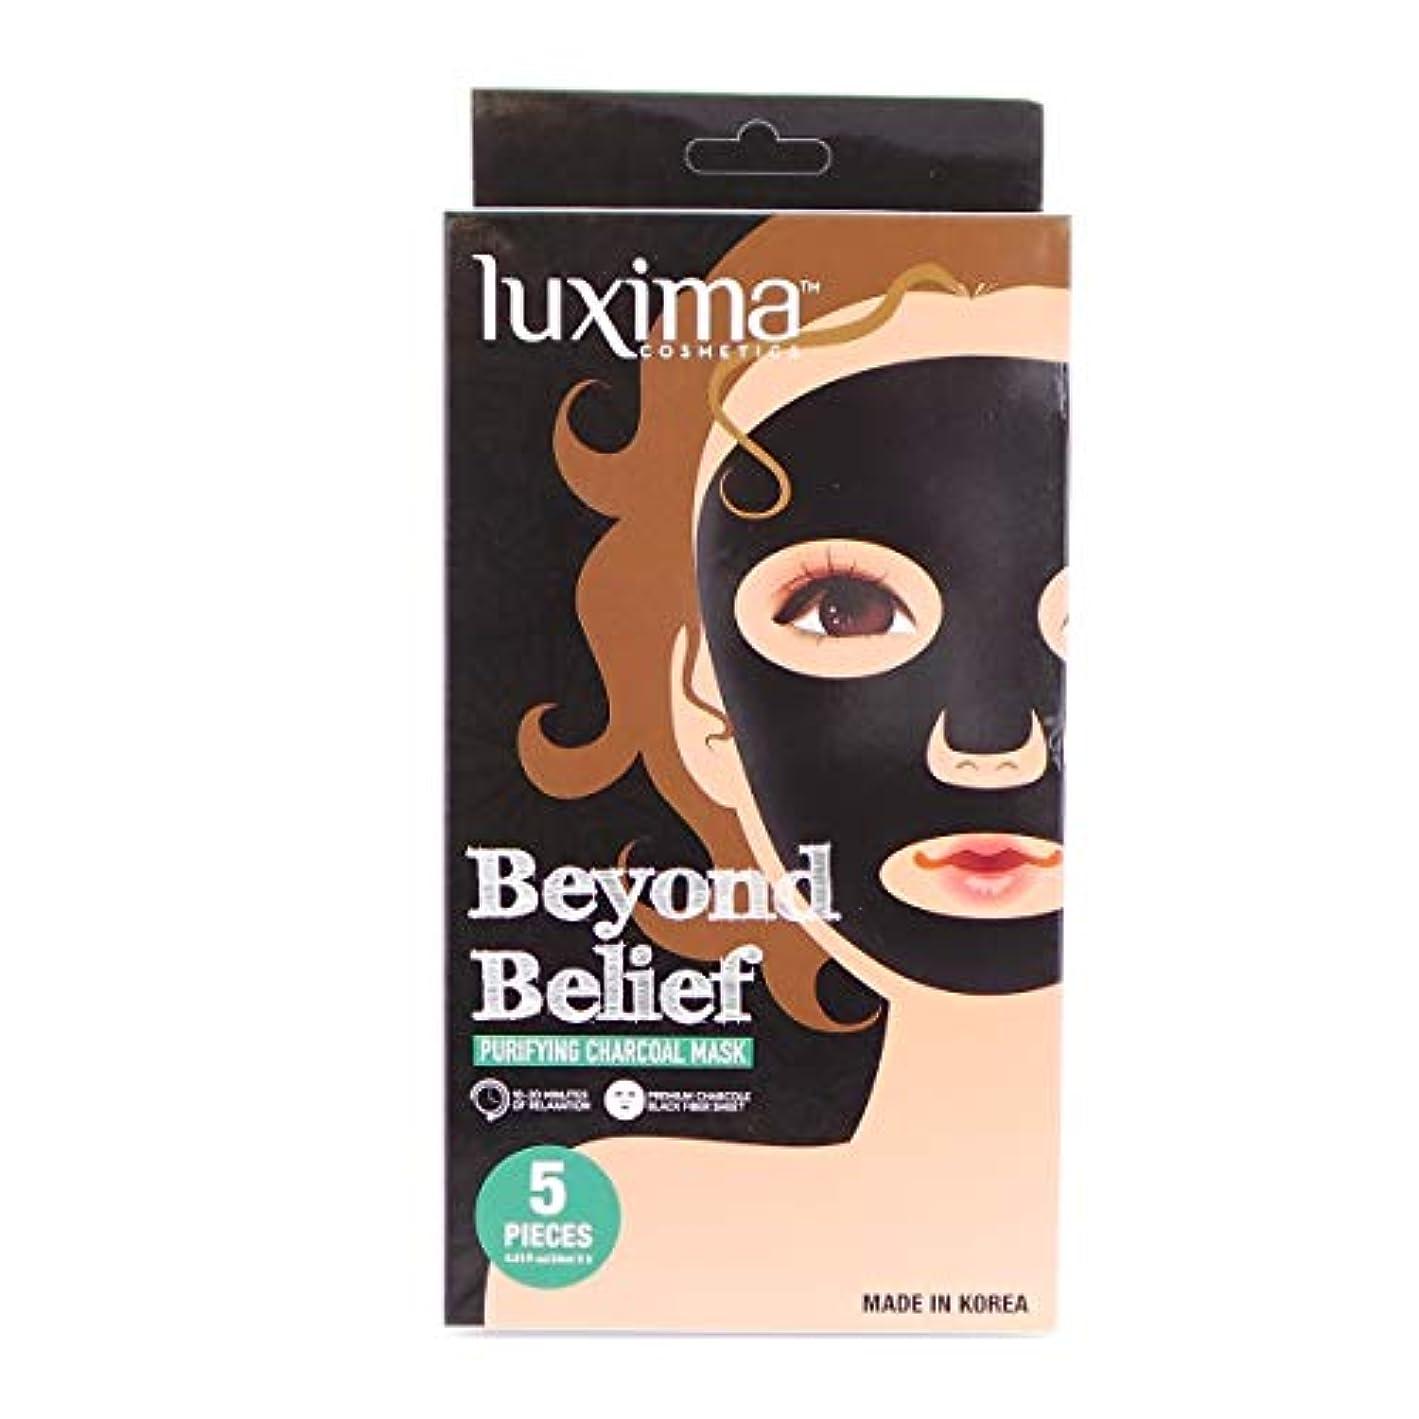 料理をするニコチンスラック(6 Pack) LUXIMA Beyond Belief Purifying Charcoal Mask, Pack of 5 (並行輸入品)